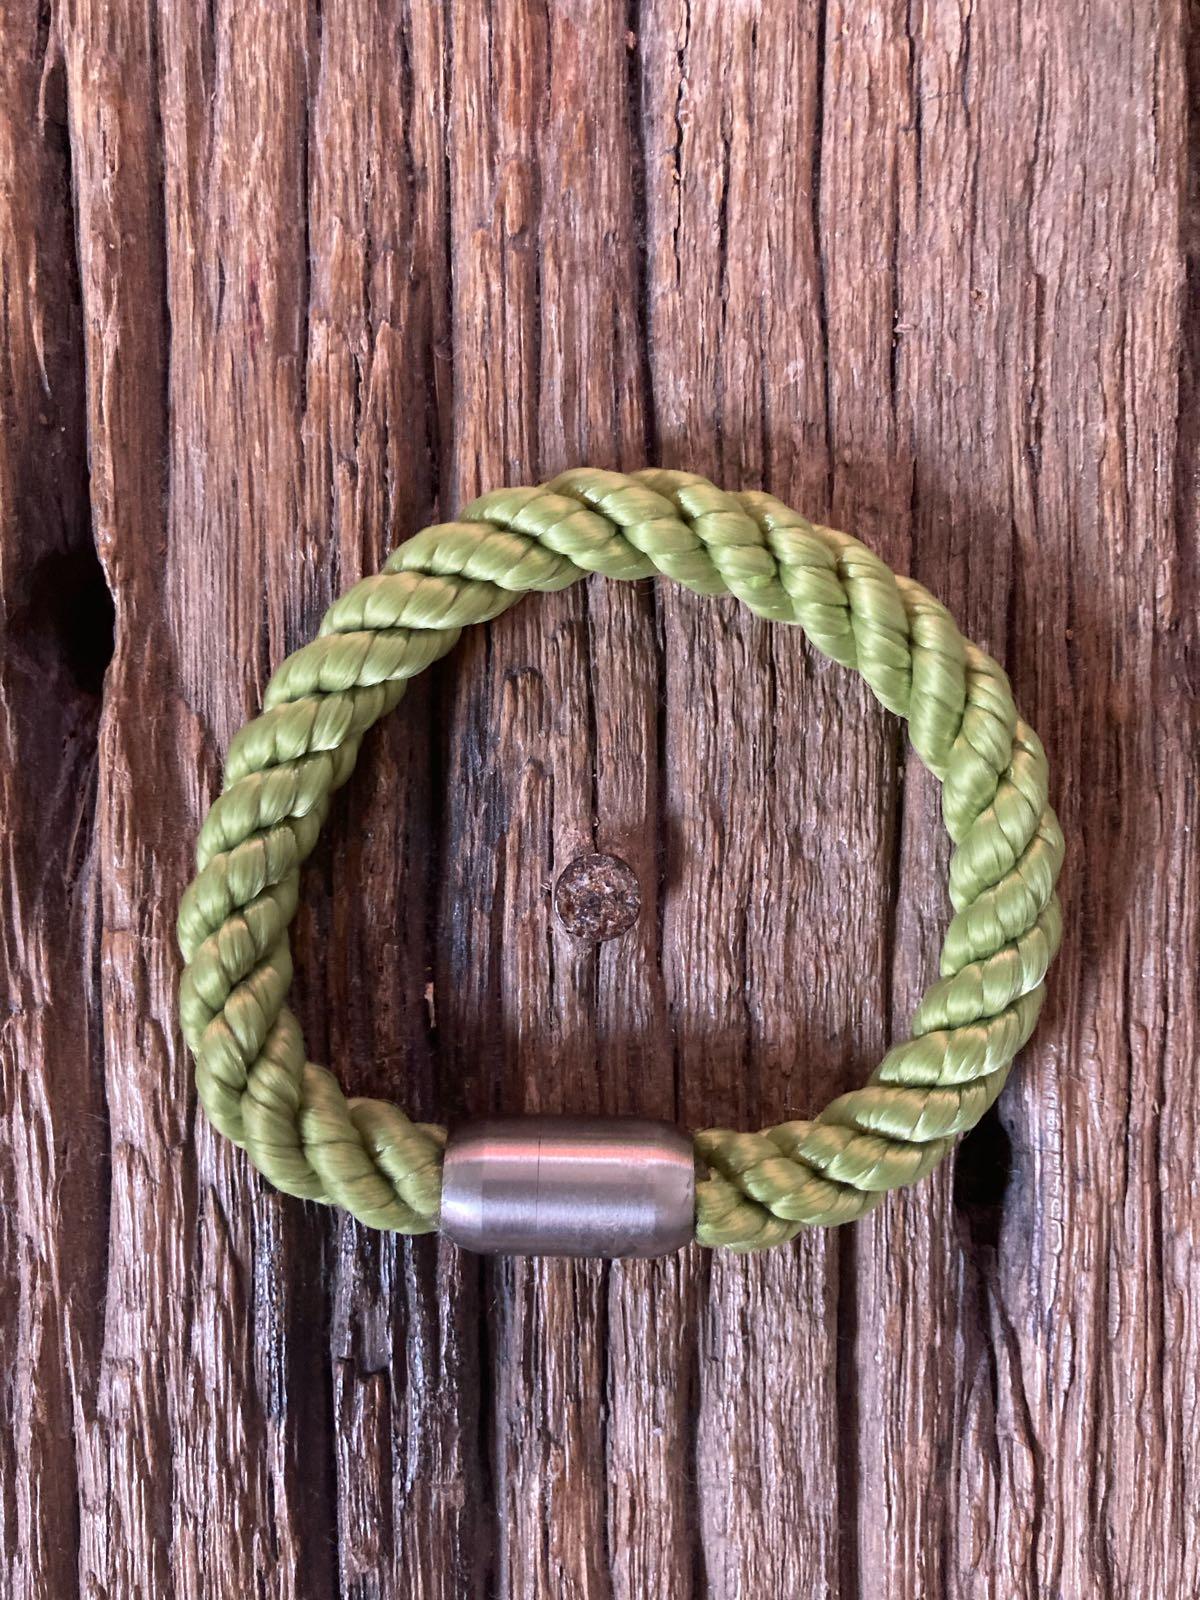 Fischereidesign - Armband 9 mm grasgrün , Silber Edelstahlverschluss